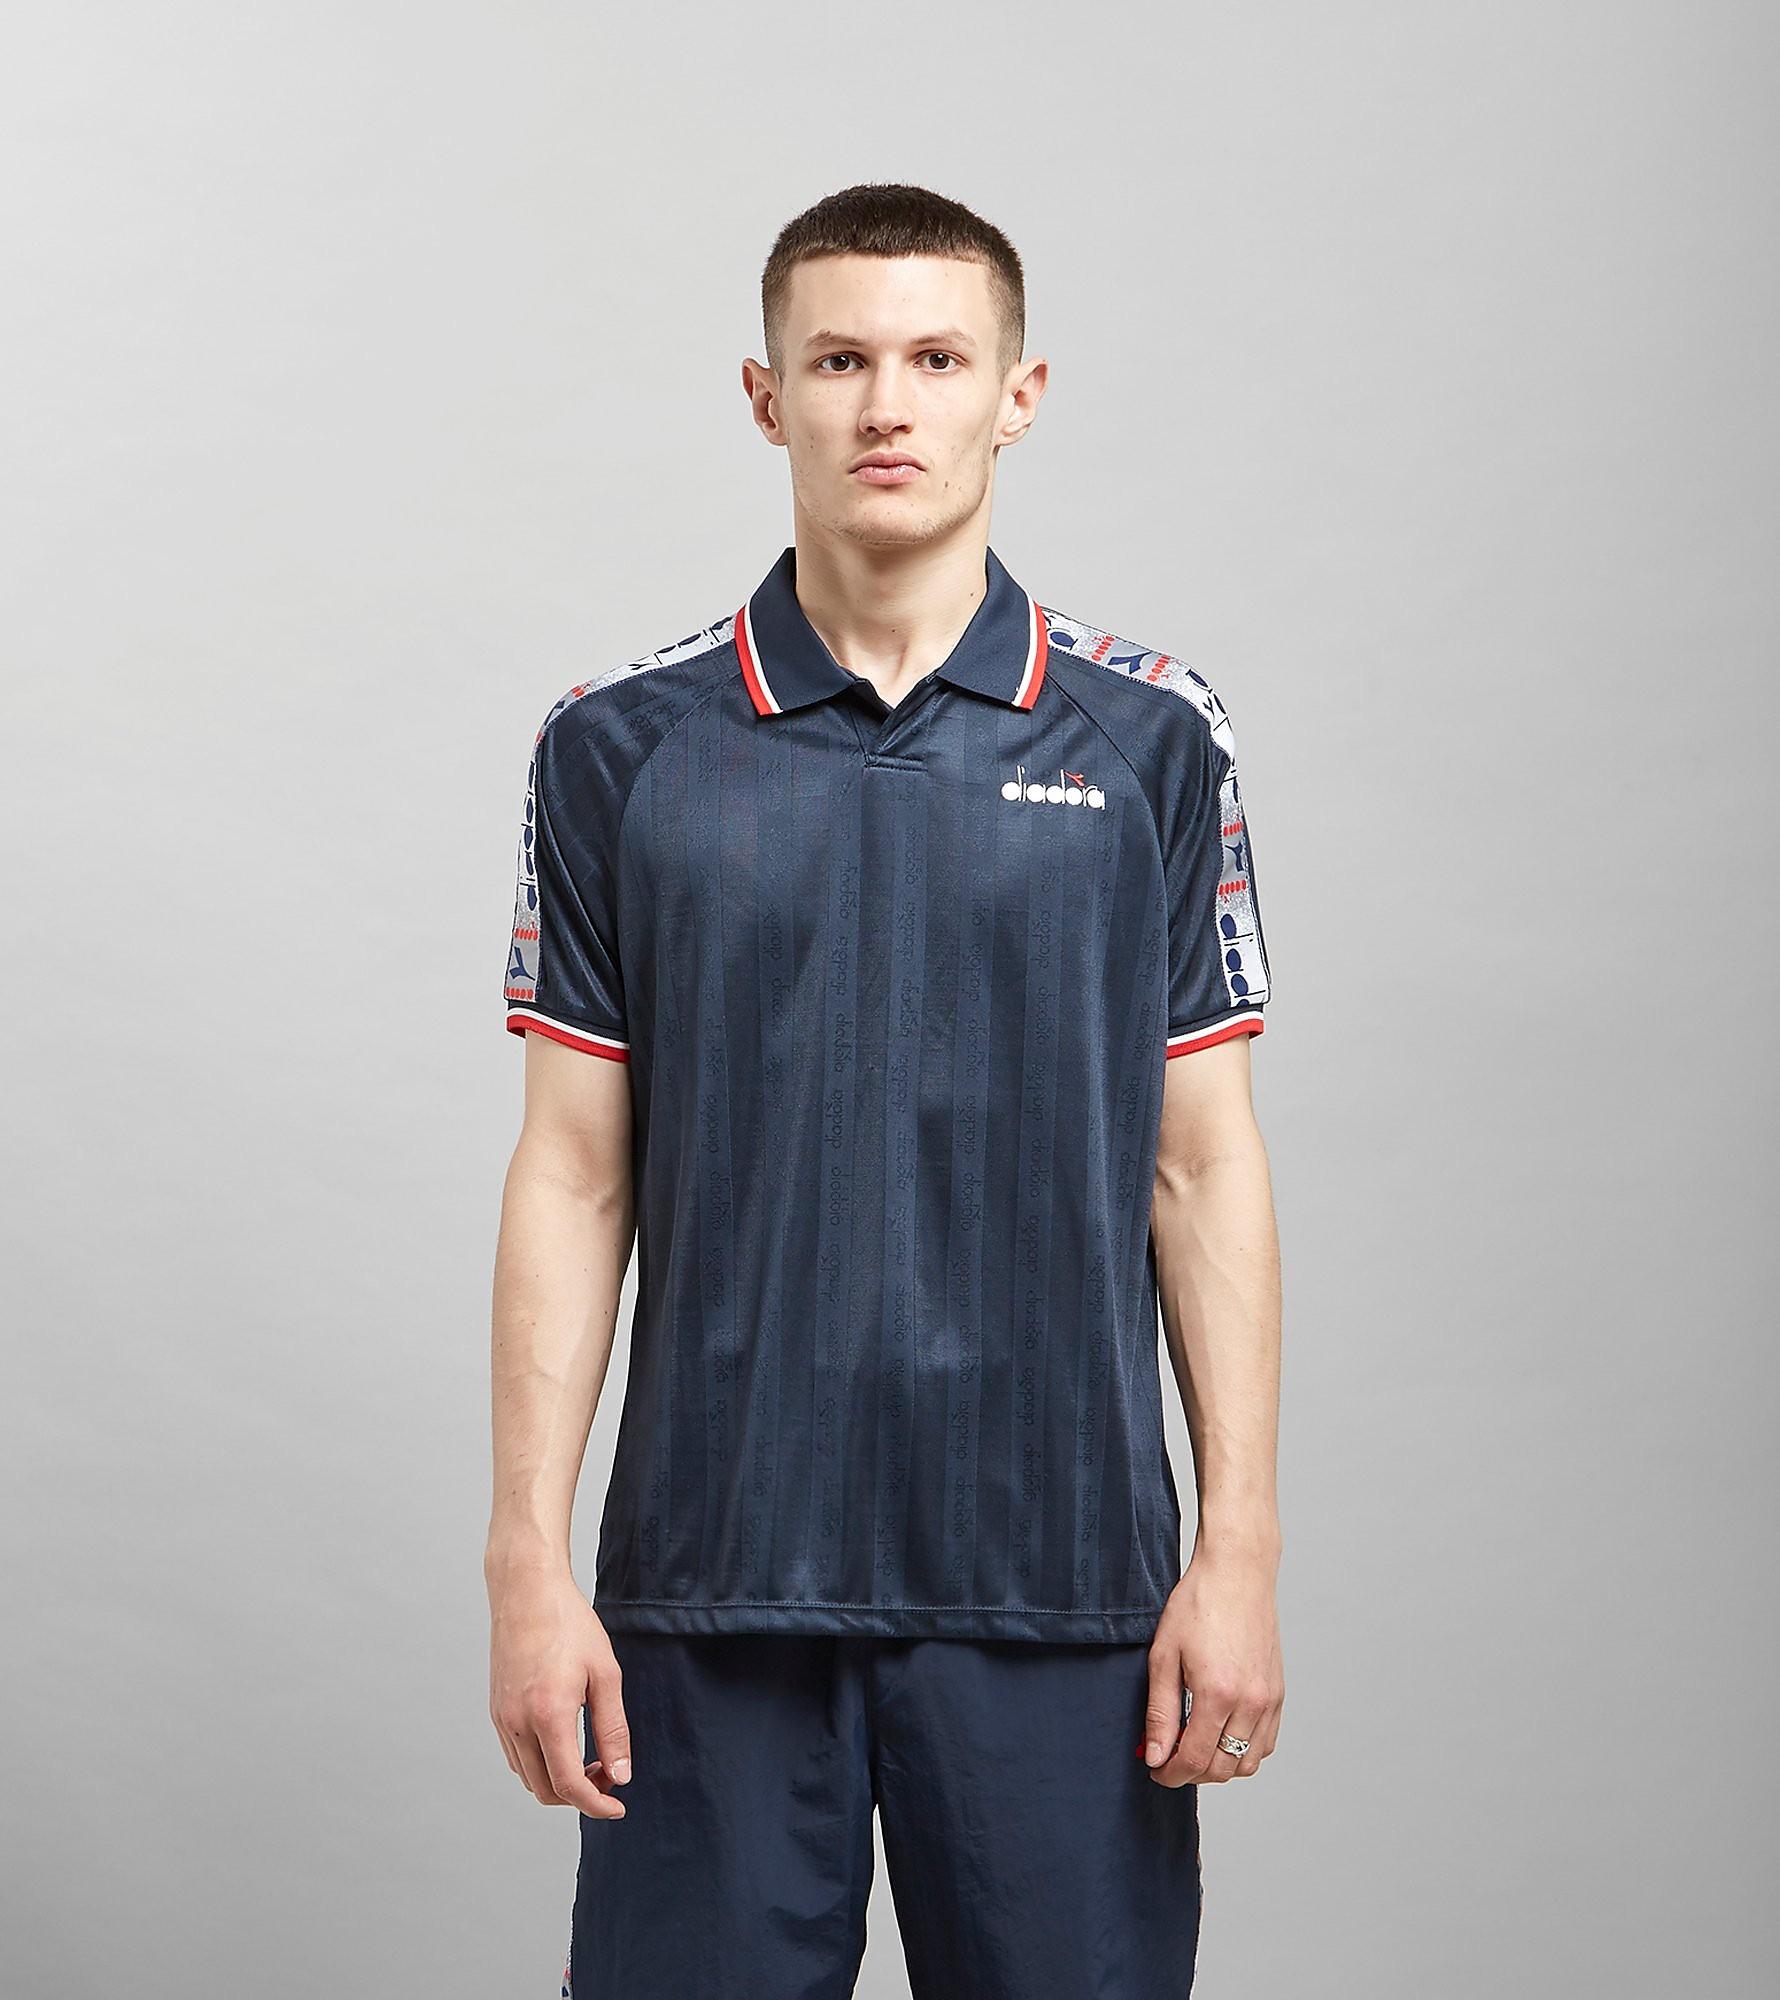 Diadora Offside Polo Shirt